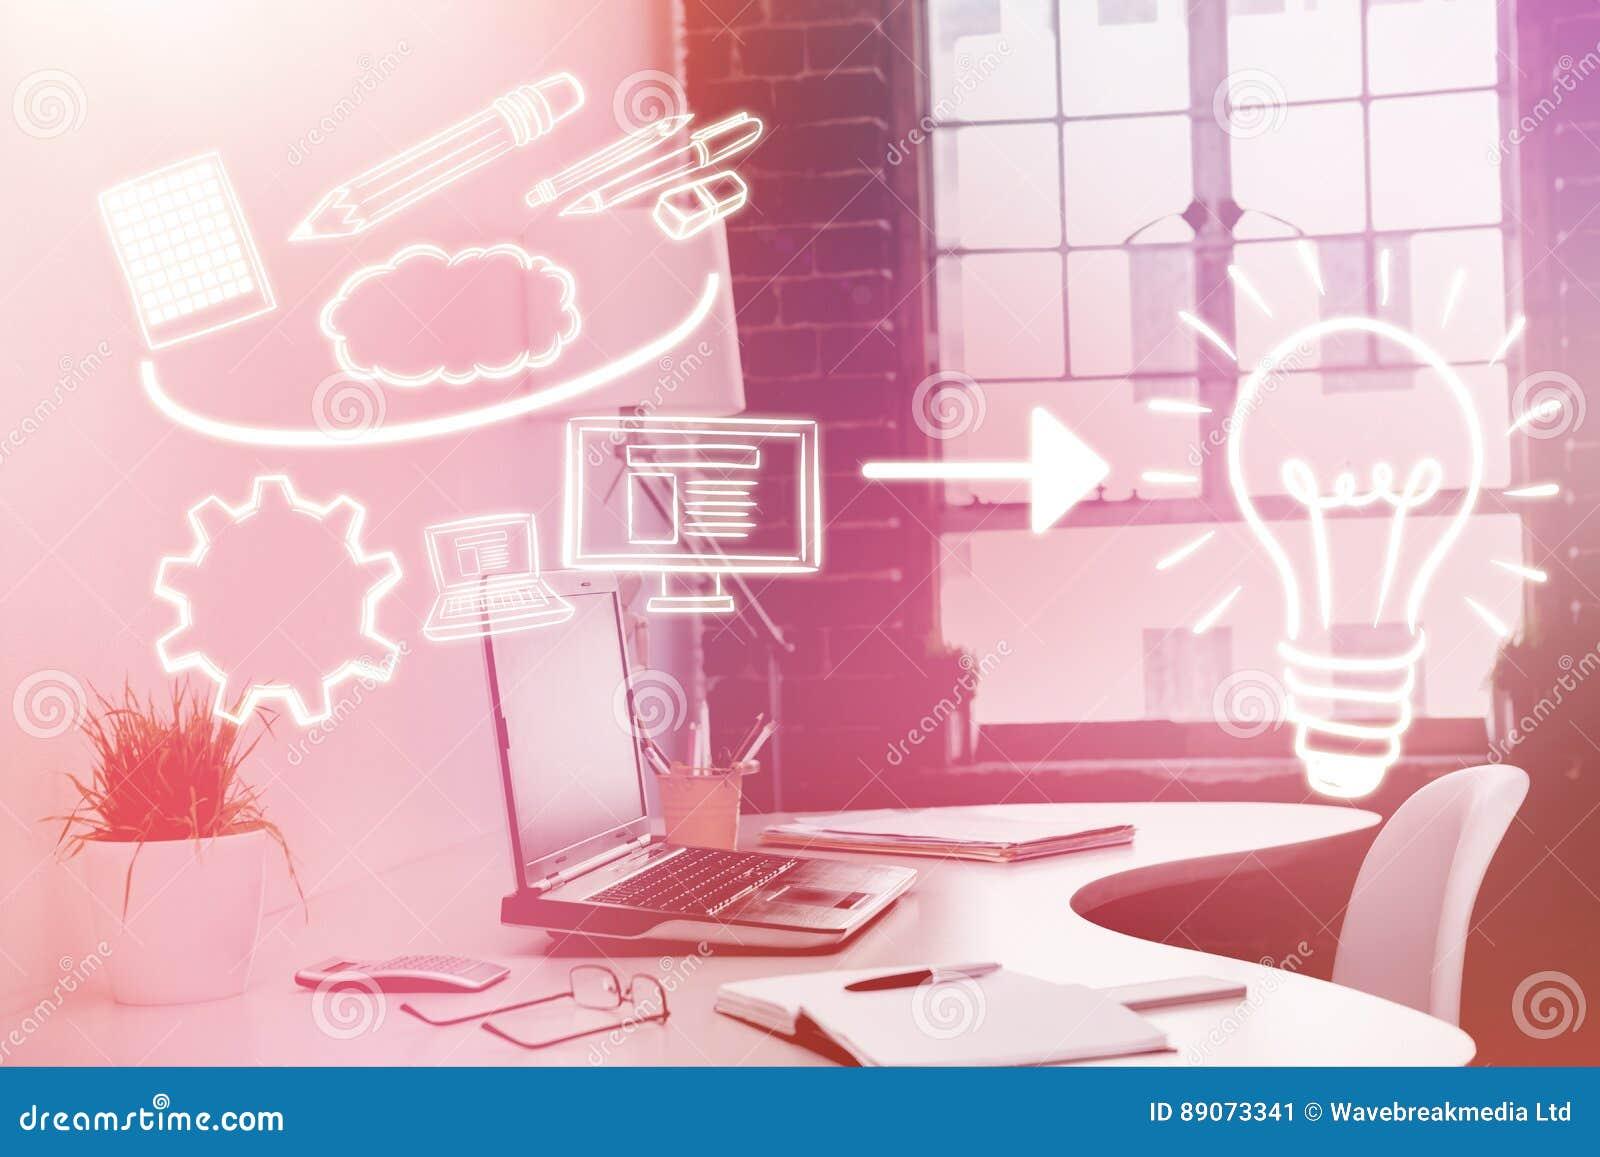 Imagen compuesta de la imagen compuesta de los iconos del ordenador que señalan hacia la bombilla 3d